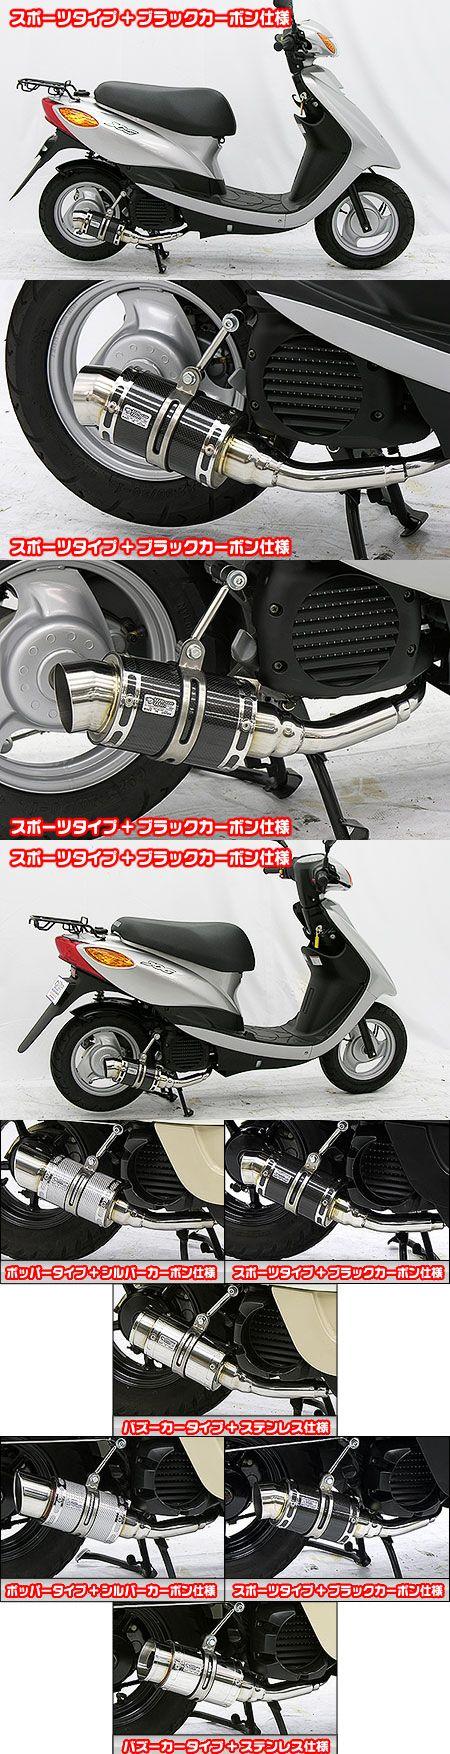 【WirusWin】Tiger auto聯名款 Fat Bomber全段排氣管 Spotrs型 黑色碳纖維款式 - 「Webike-摩托百貨」